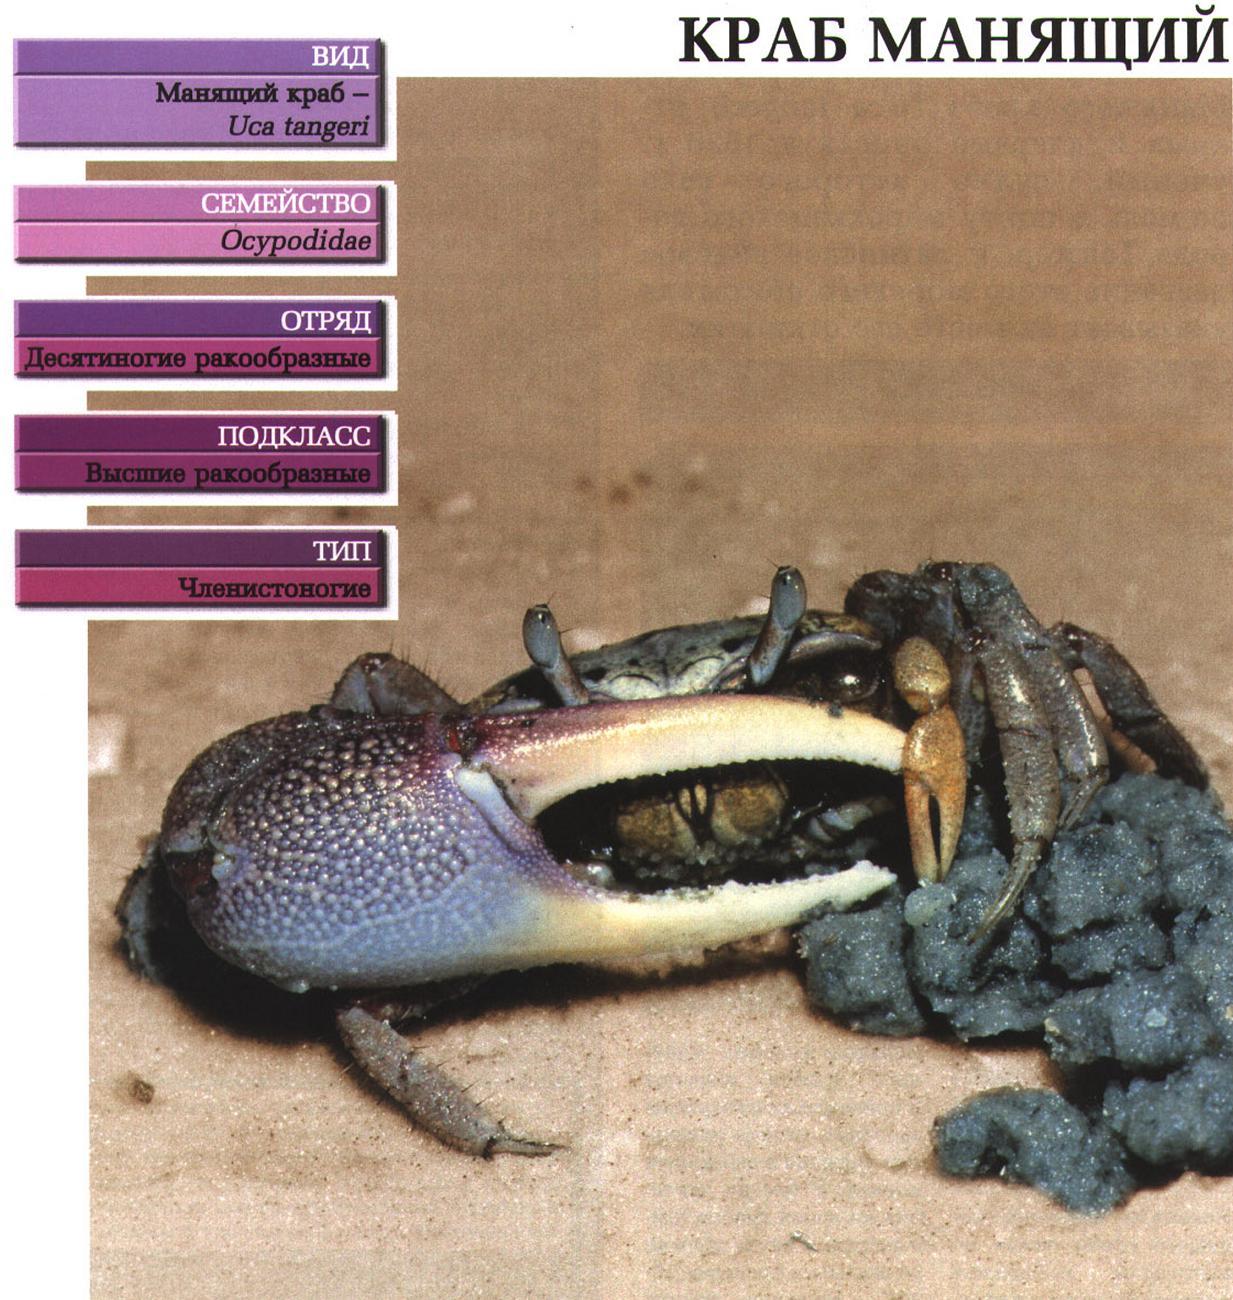 Аквариумные крабы (24 фото): нюансы содержания пресноводных и других представителей. чем кормить радужных, мангровых и крабов других видов